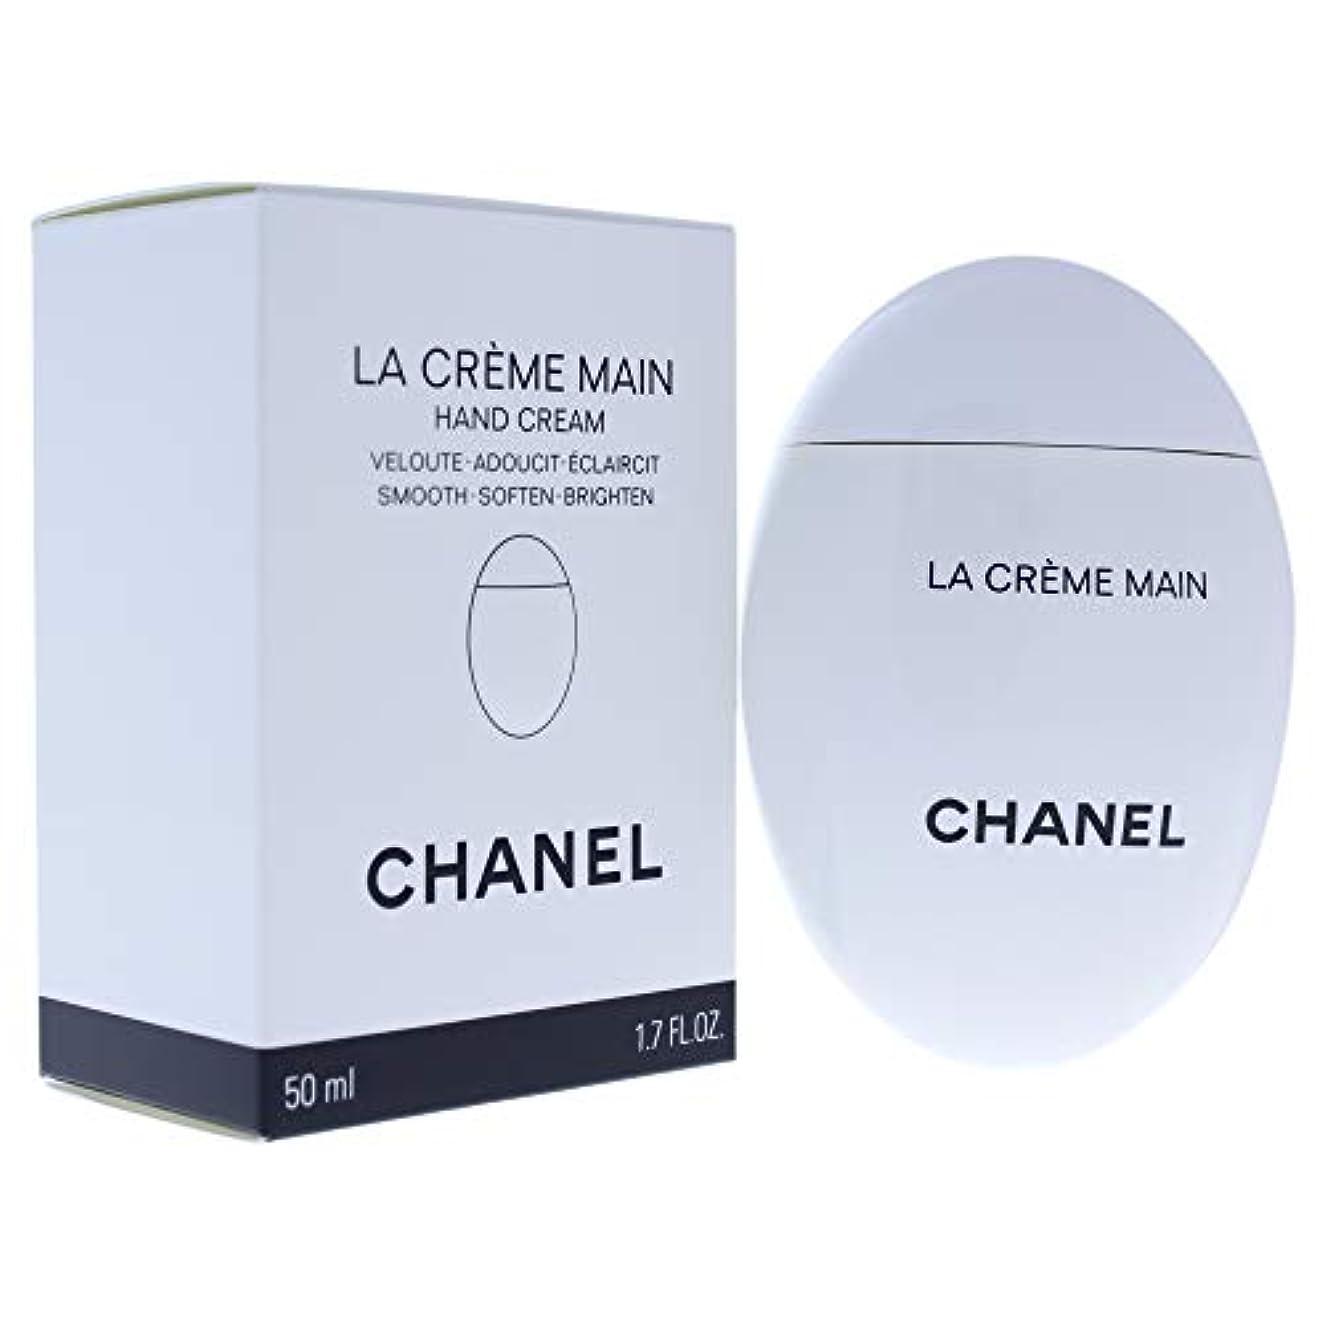 オーディションチョップ剛性CHANEL LA CRÈME MAIN シャネル ラ クレーム マン ハンドクリーム 50ml